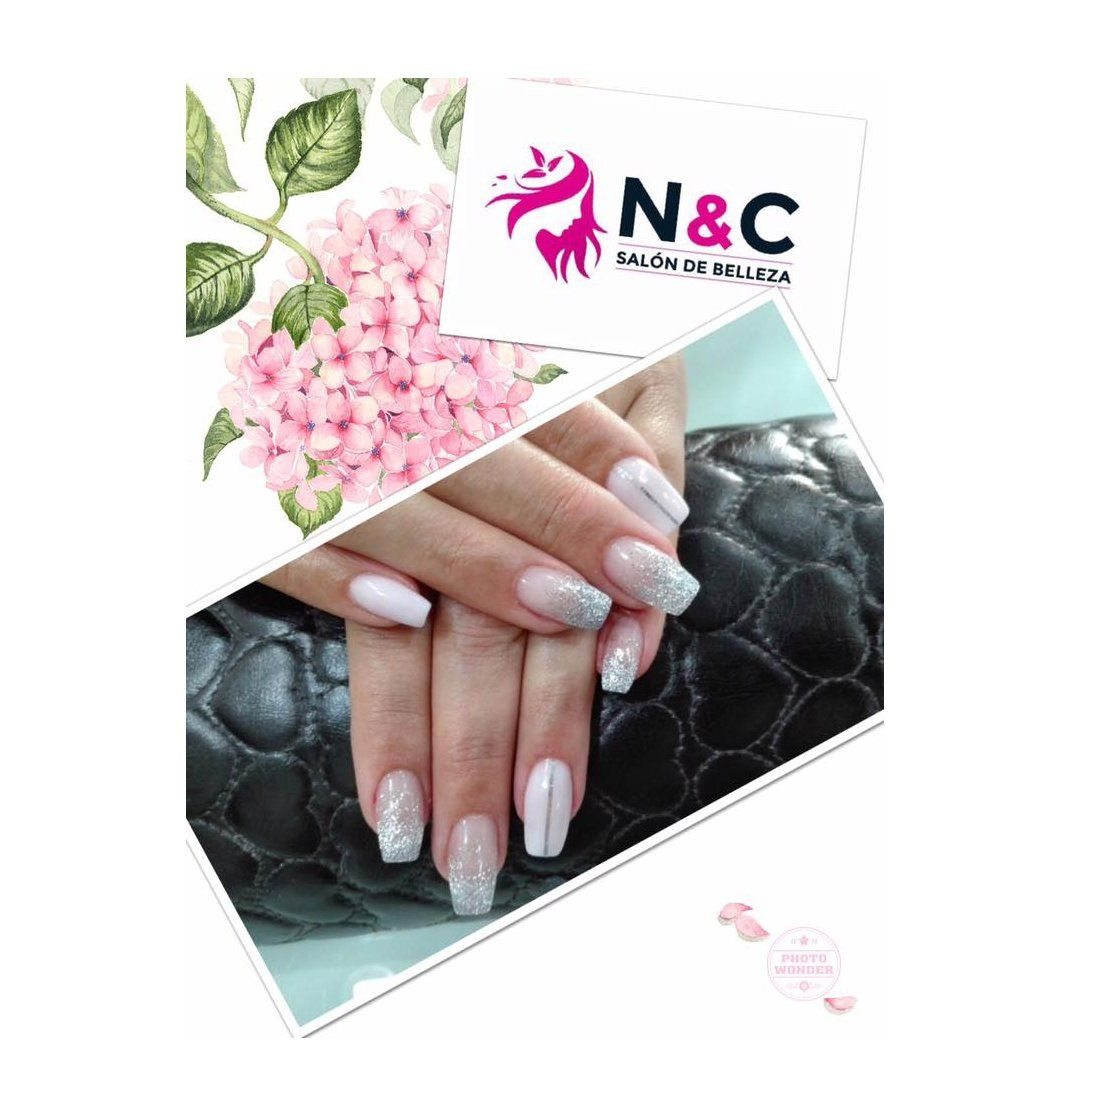 Manicuras: Centro de estética de N&C Salón de Belleza